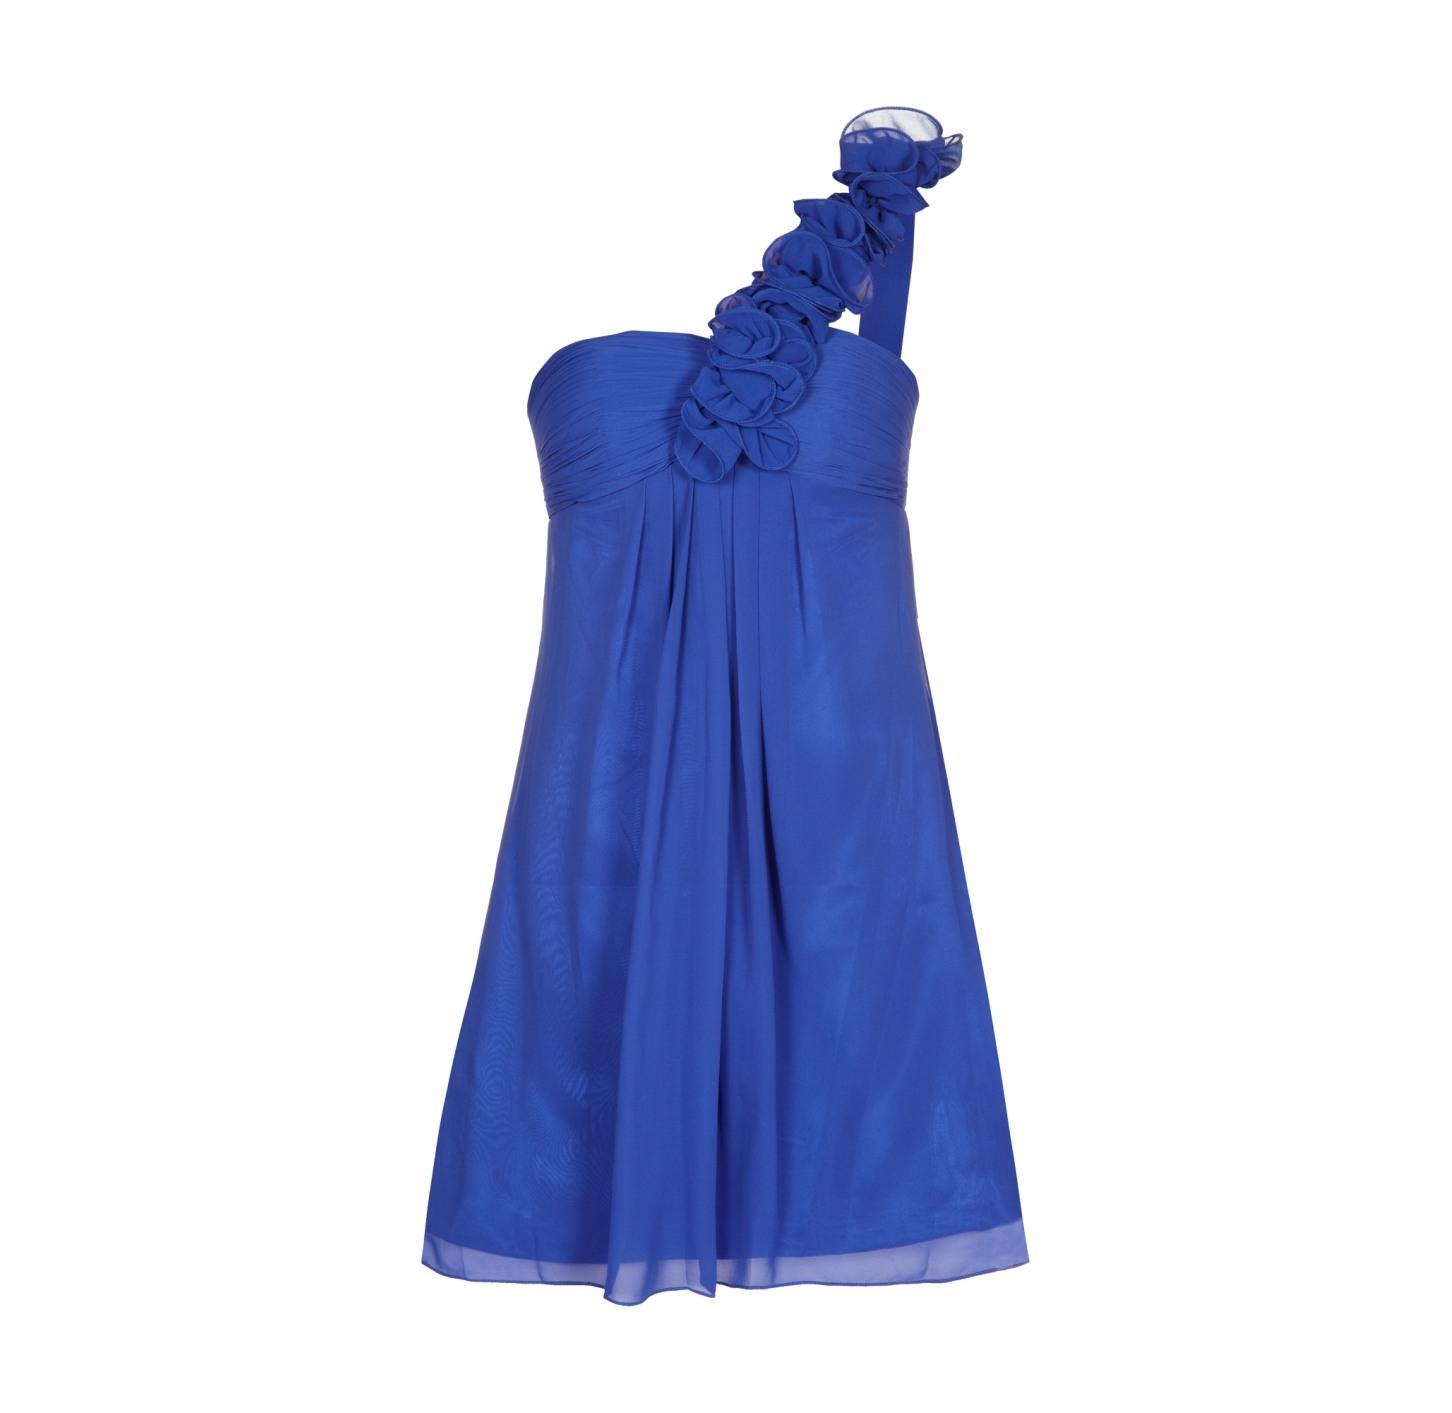 10 Coolste Kleid Royalblau Spezialgebiet13 Kreativ Kleid Royalblau Spezialgebiet